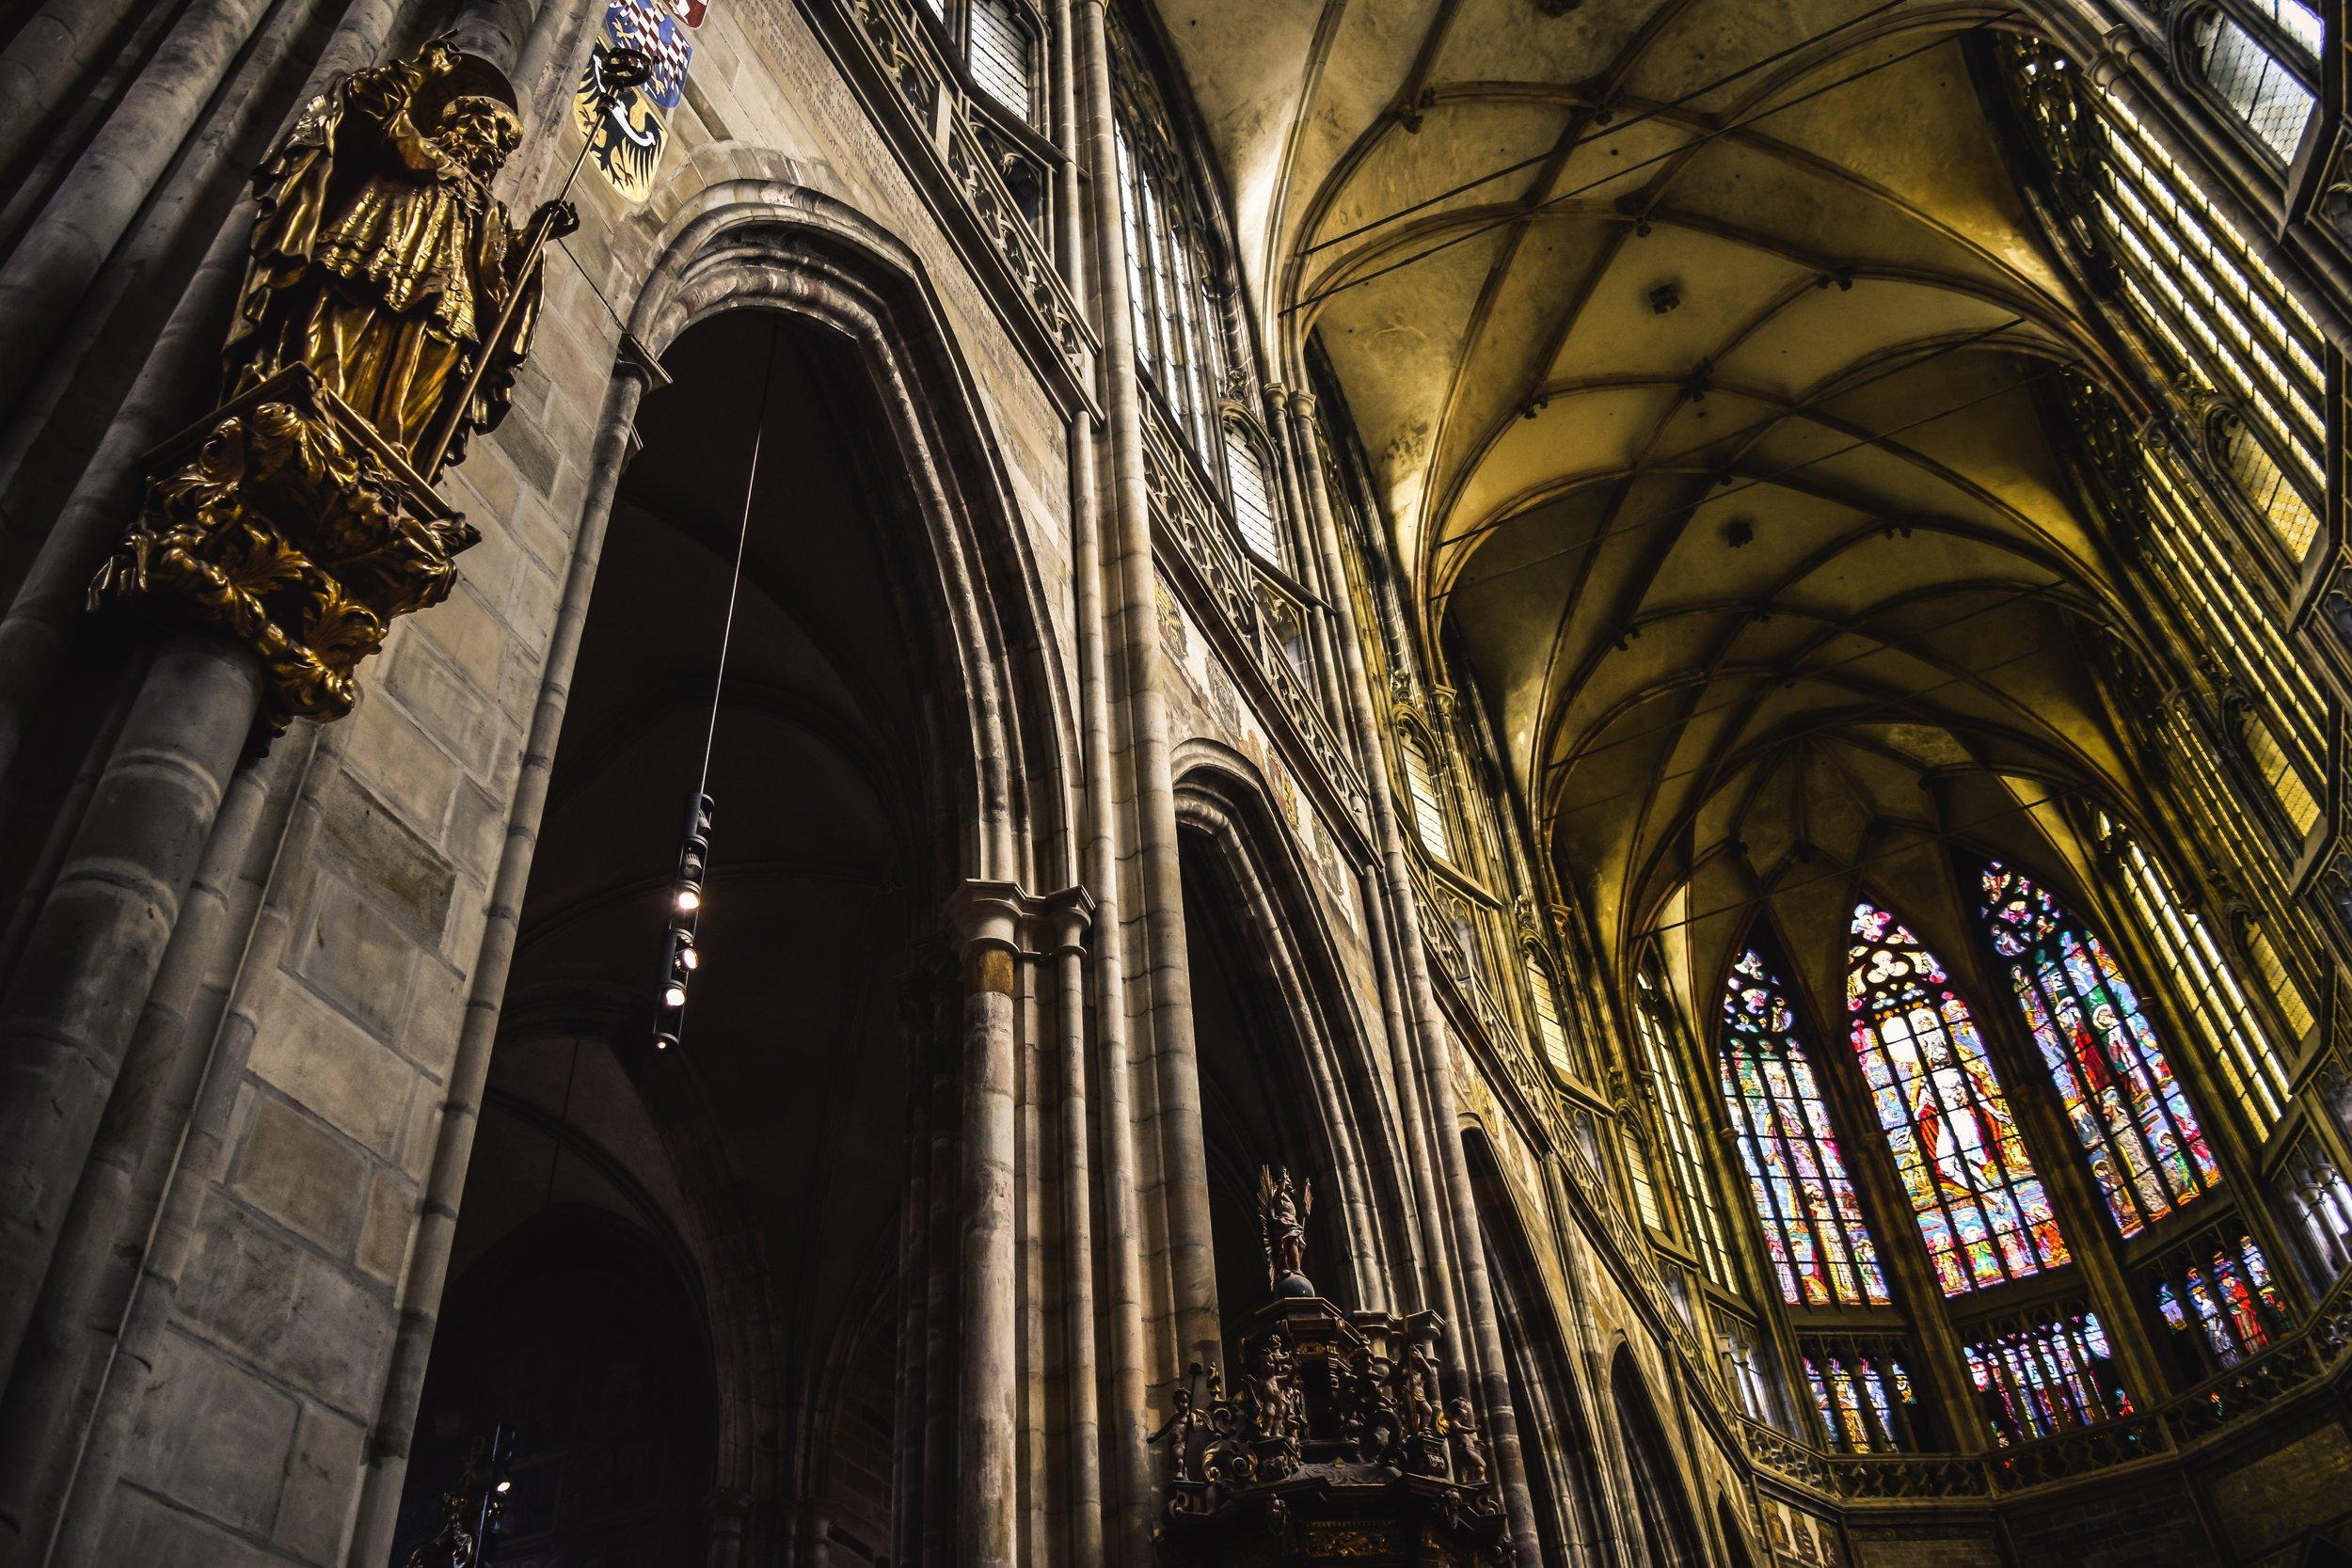 prague castle inside St. Charles